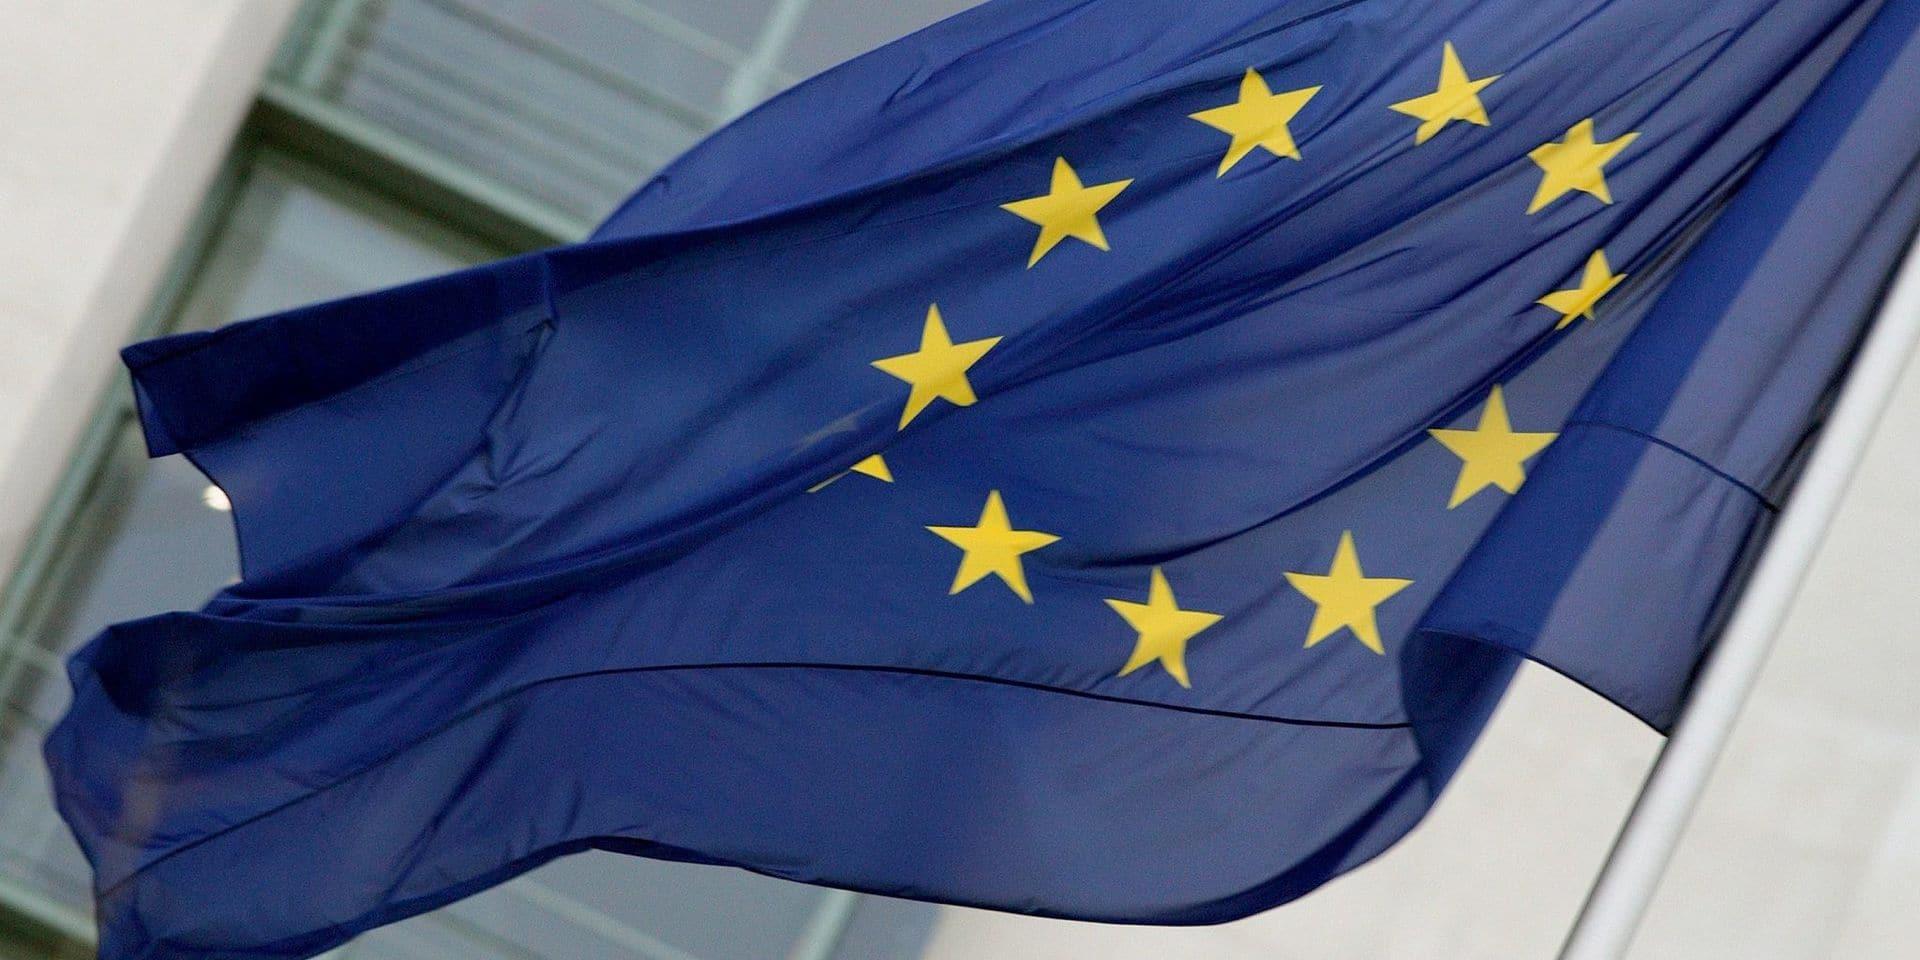 Budget de l'UE: accord décisif entre les eurodéputés et les Etats membres